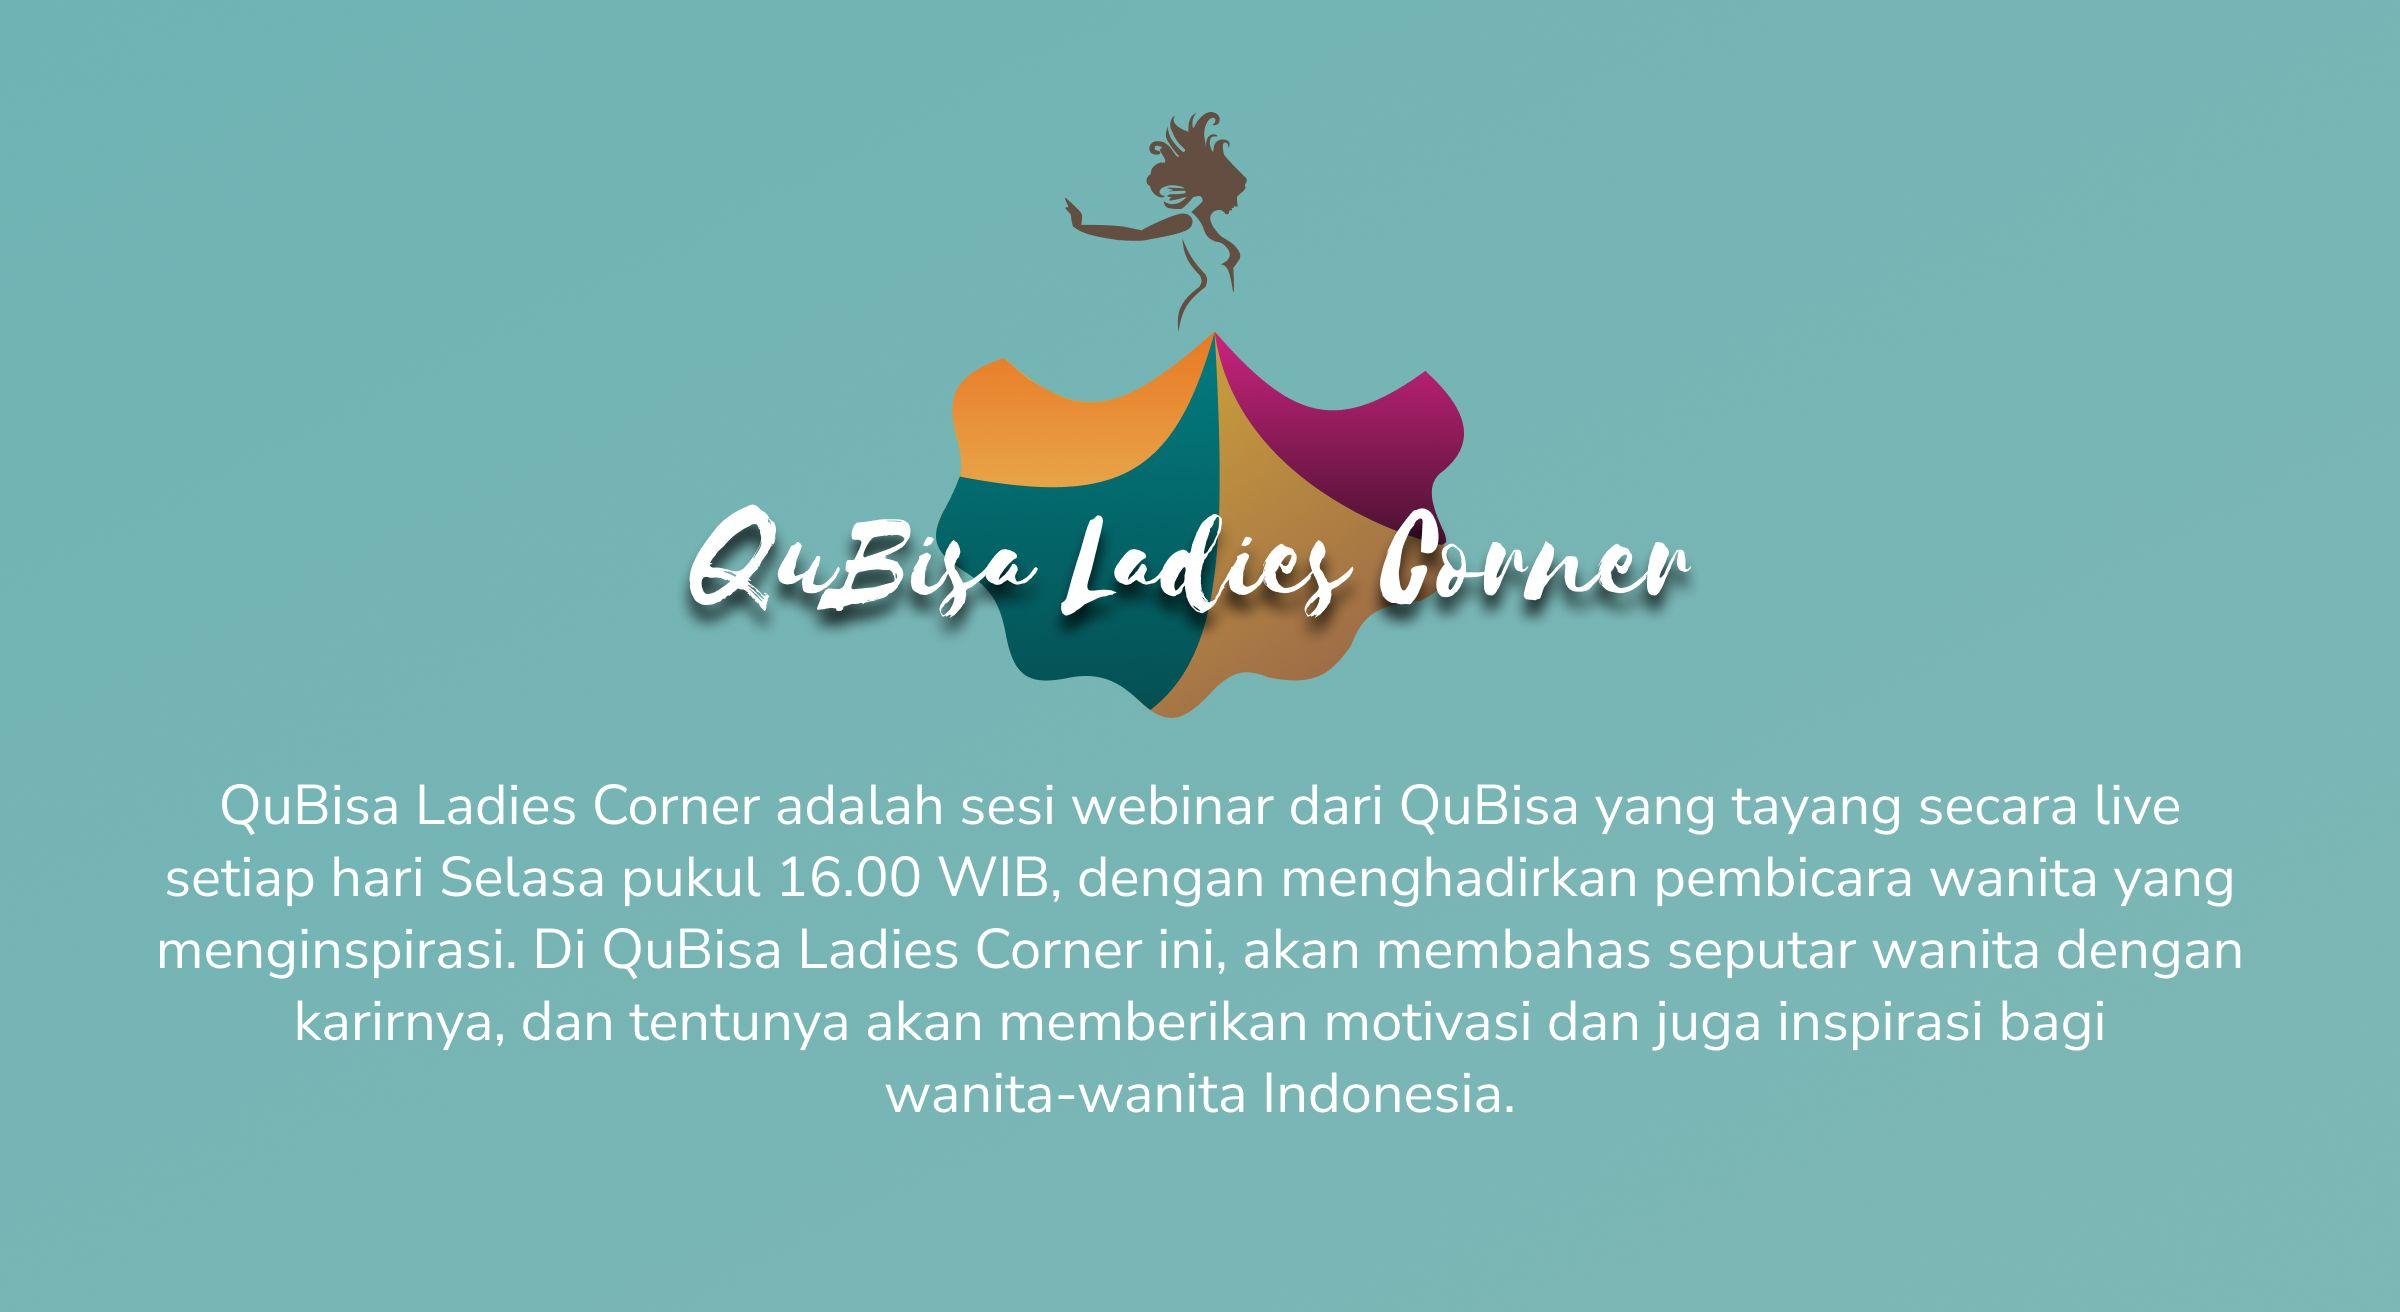 QuBisa Ladies Corner